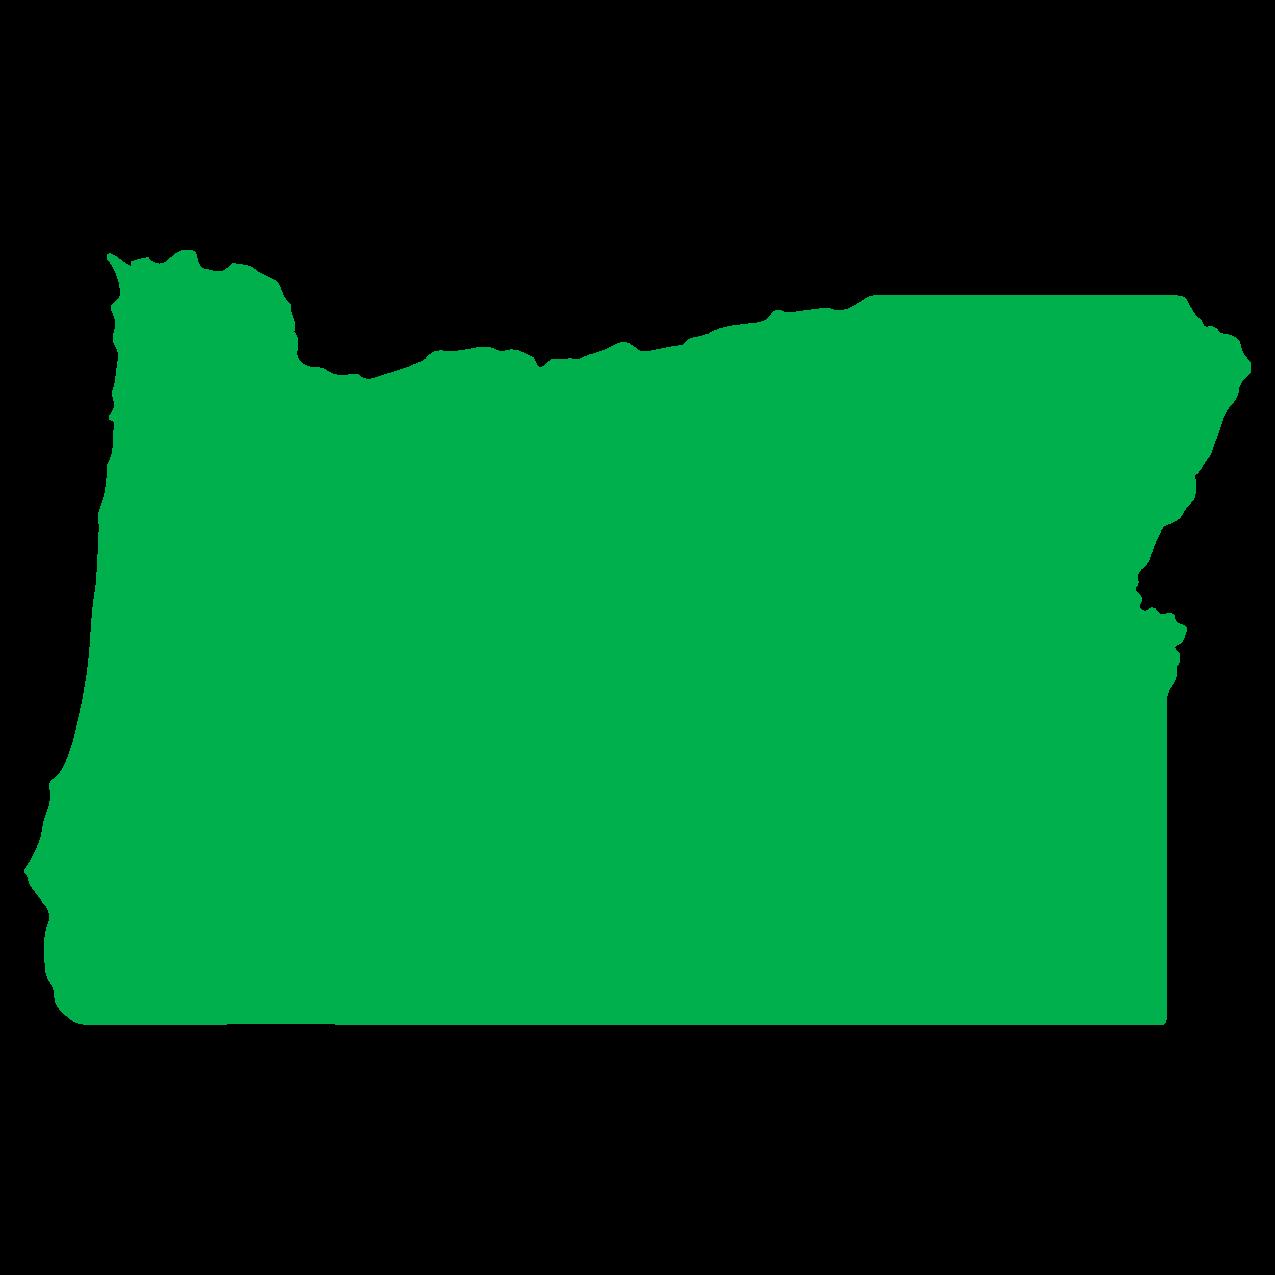 States_Oregon.png